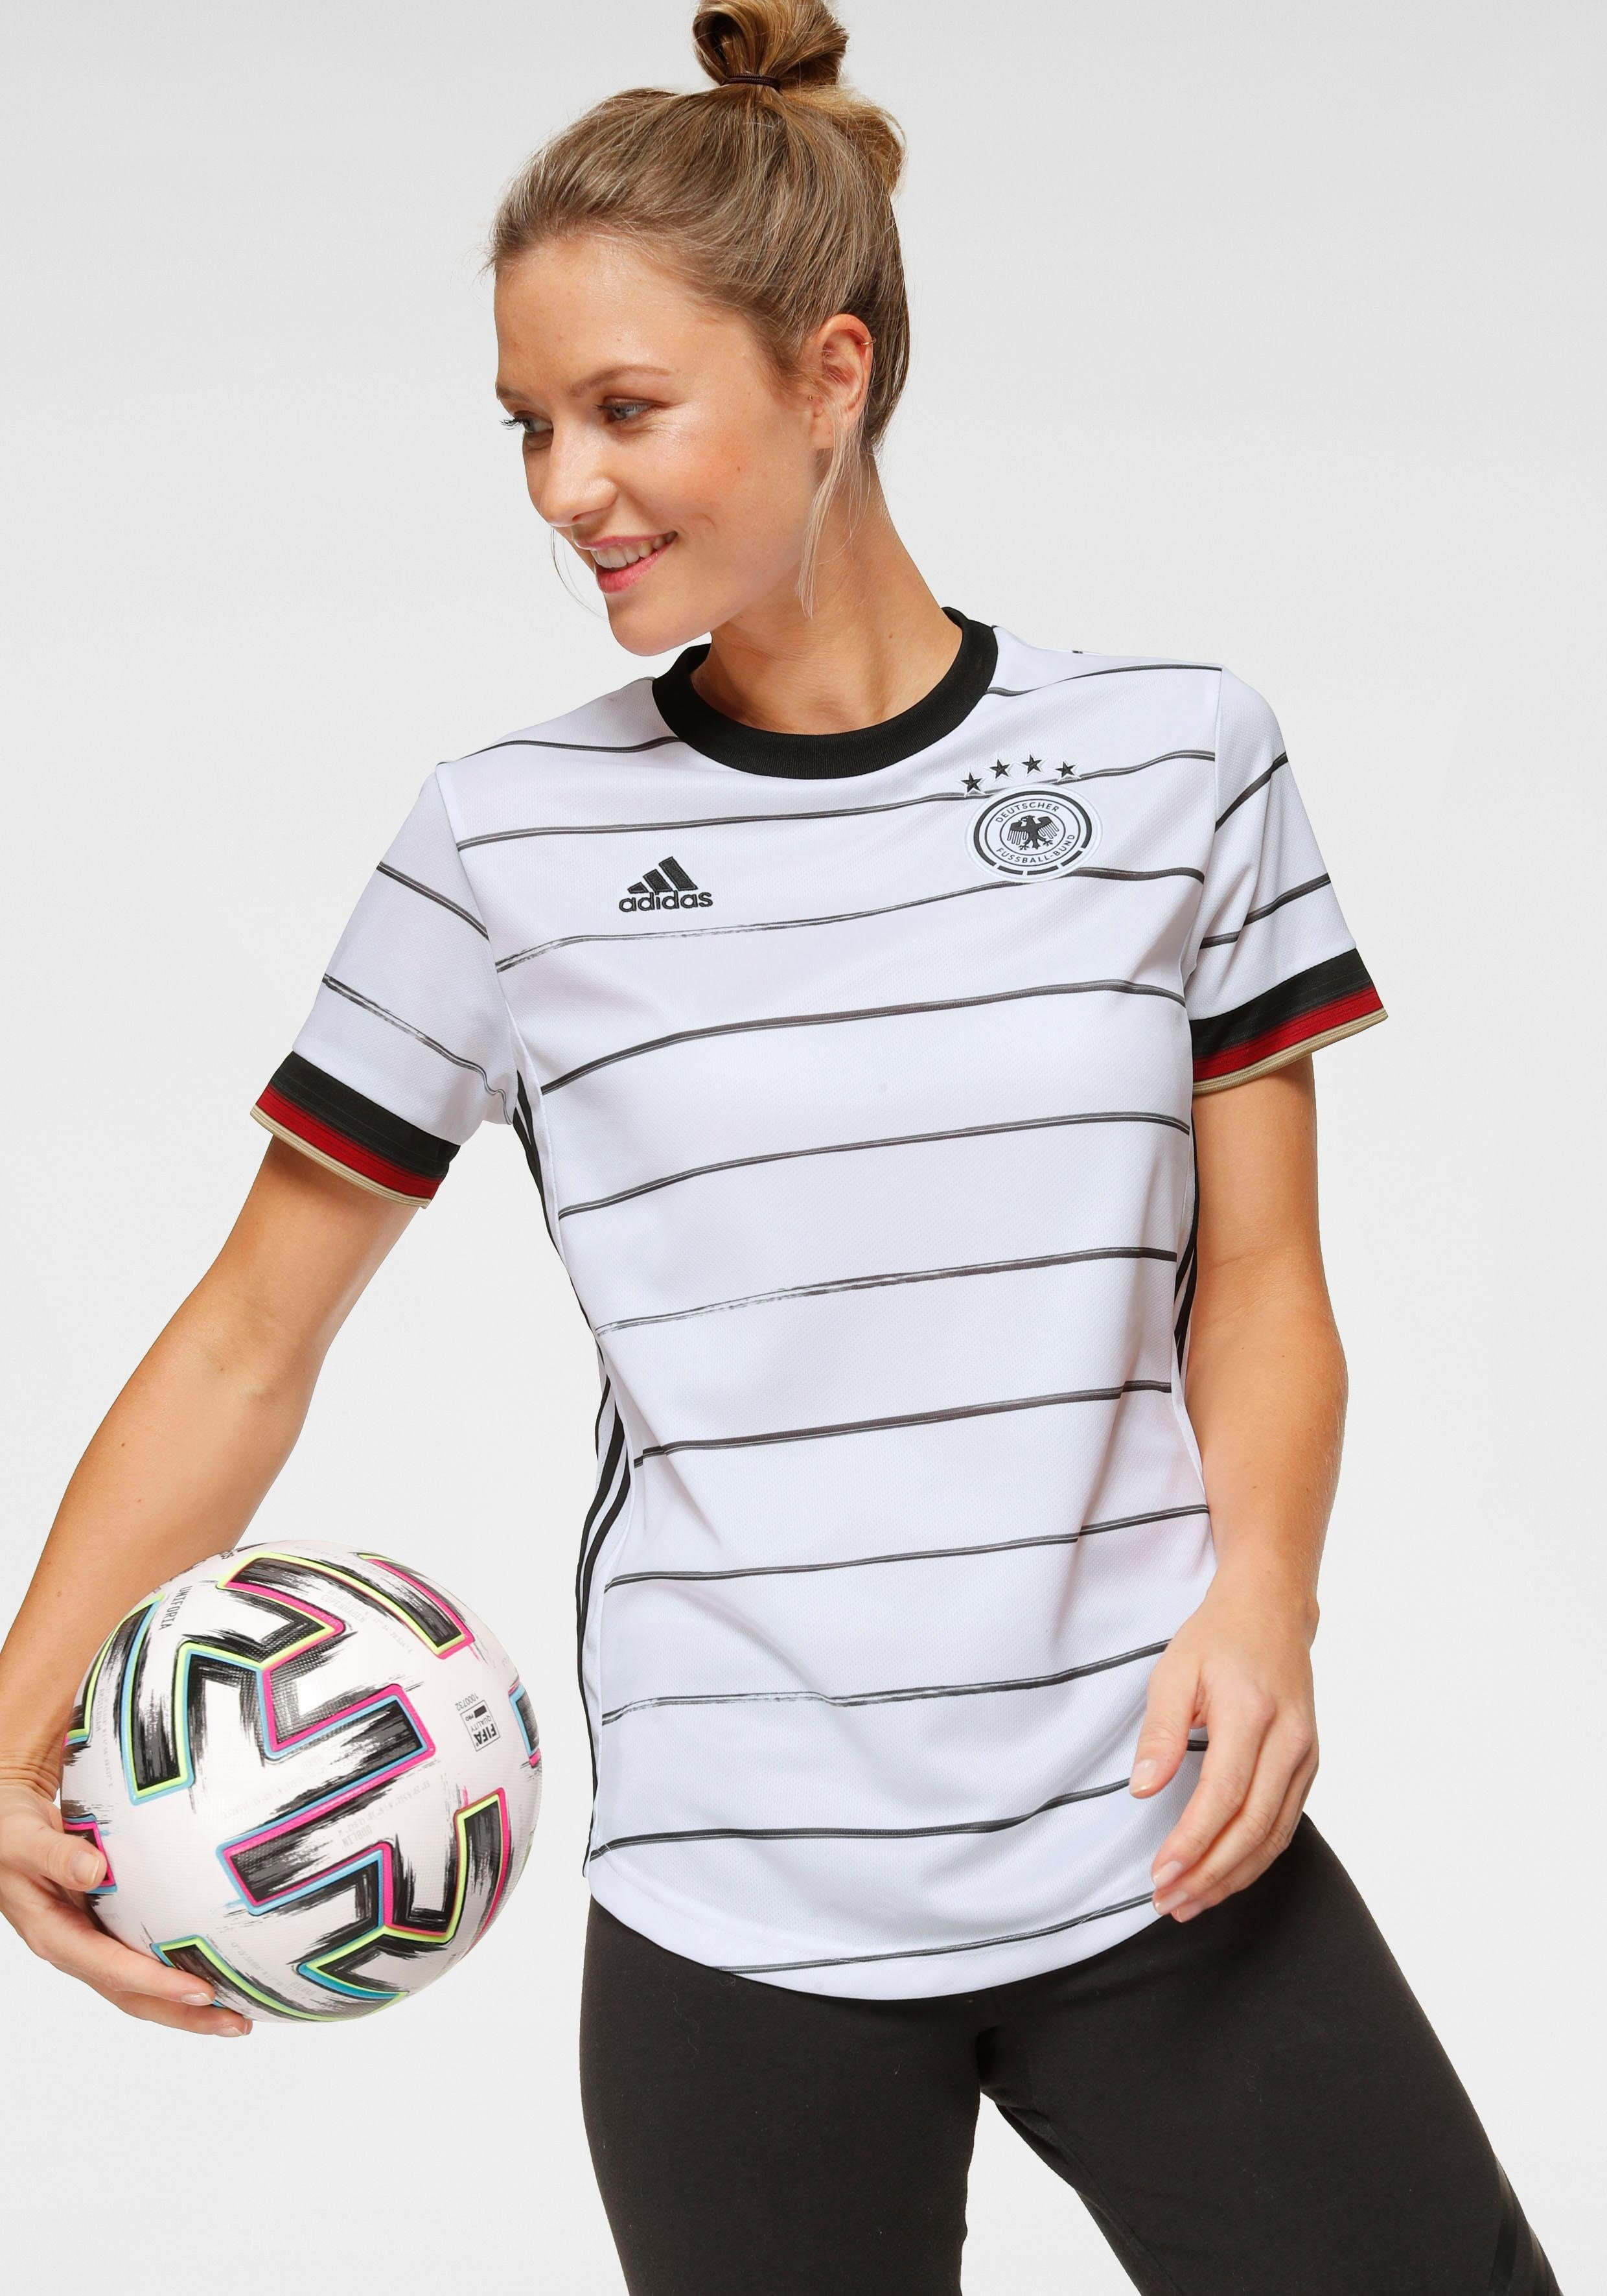 Adidas Performance Shirt Em 2020 Dfb Heimtrikot Damen Snel Online Gekocht - Geweldige Prijs